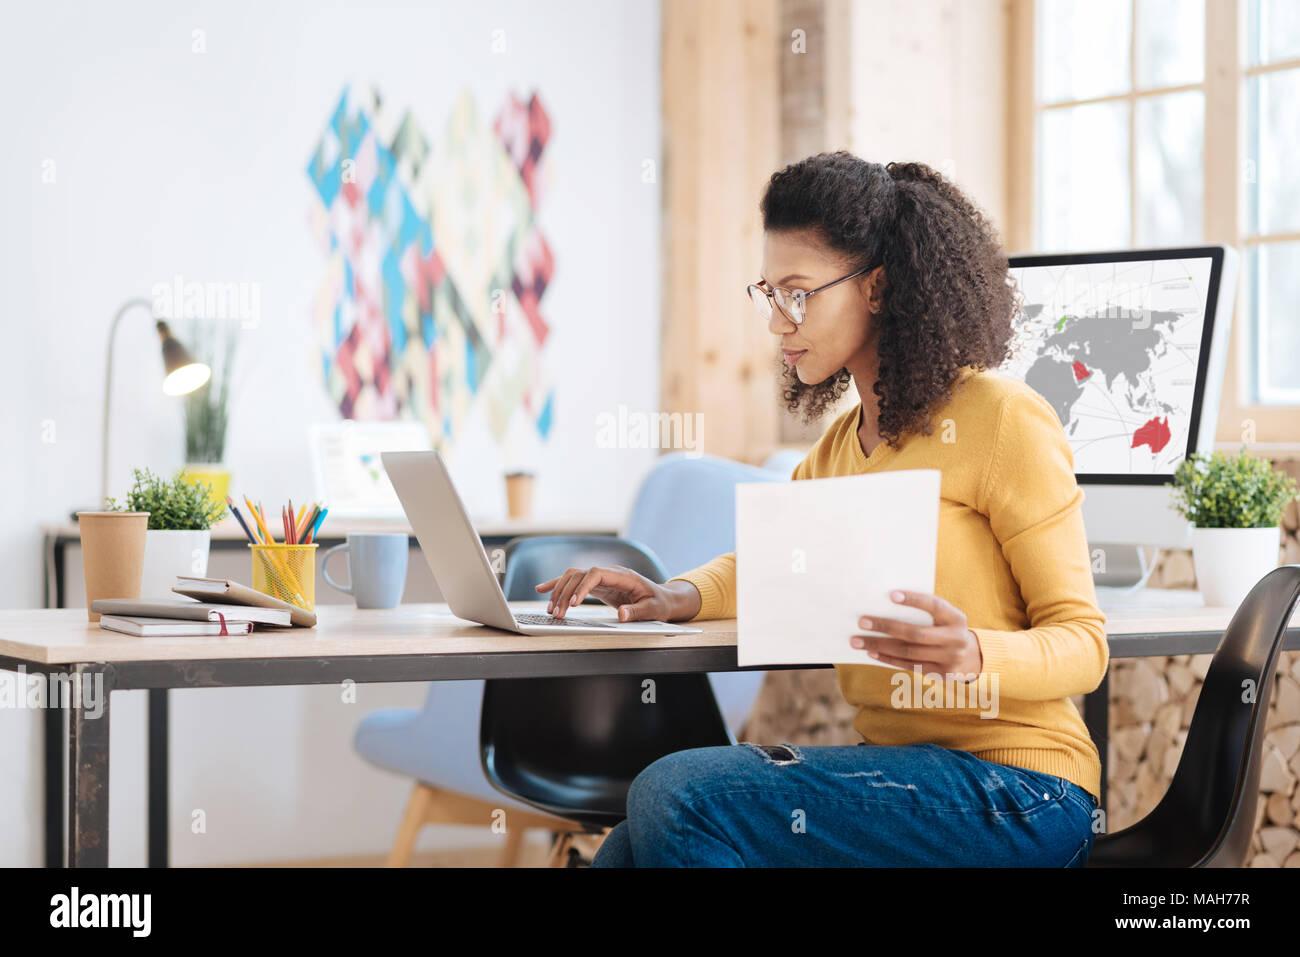 Junge Geschäftsfrau arbeitet sie an ihrem Laptop konzentriert Stockbild